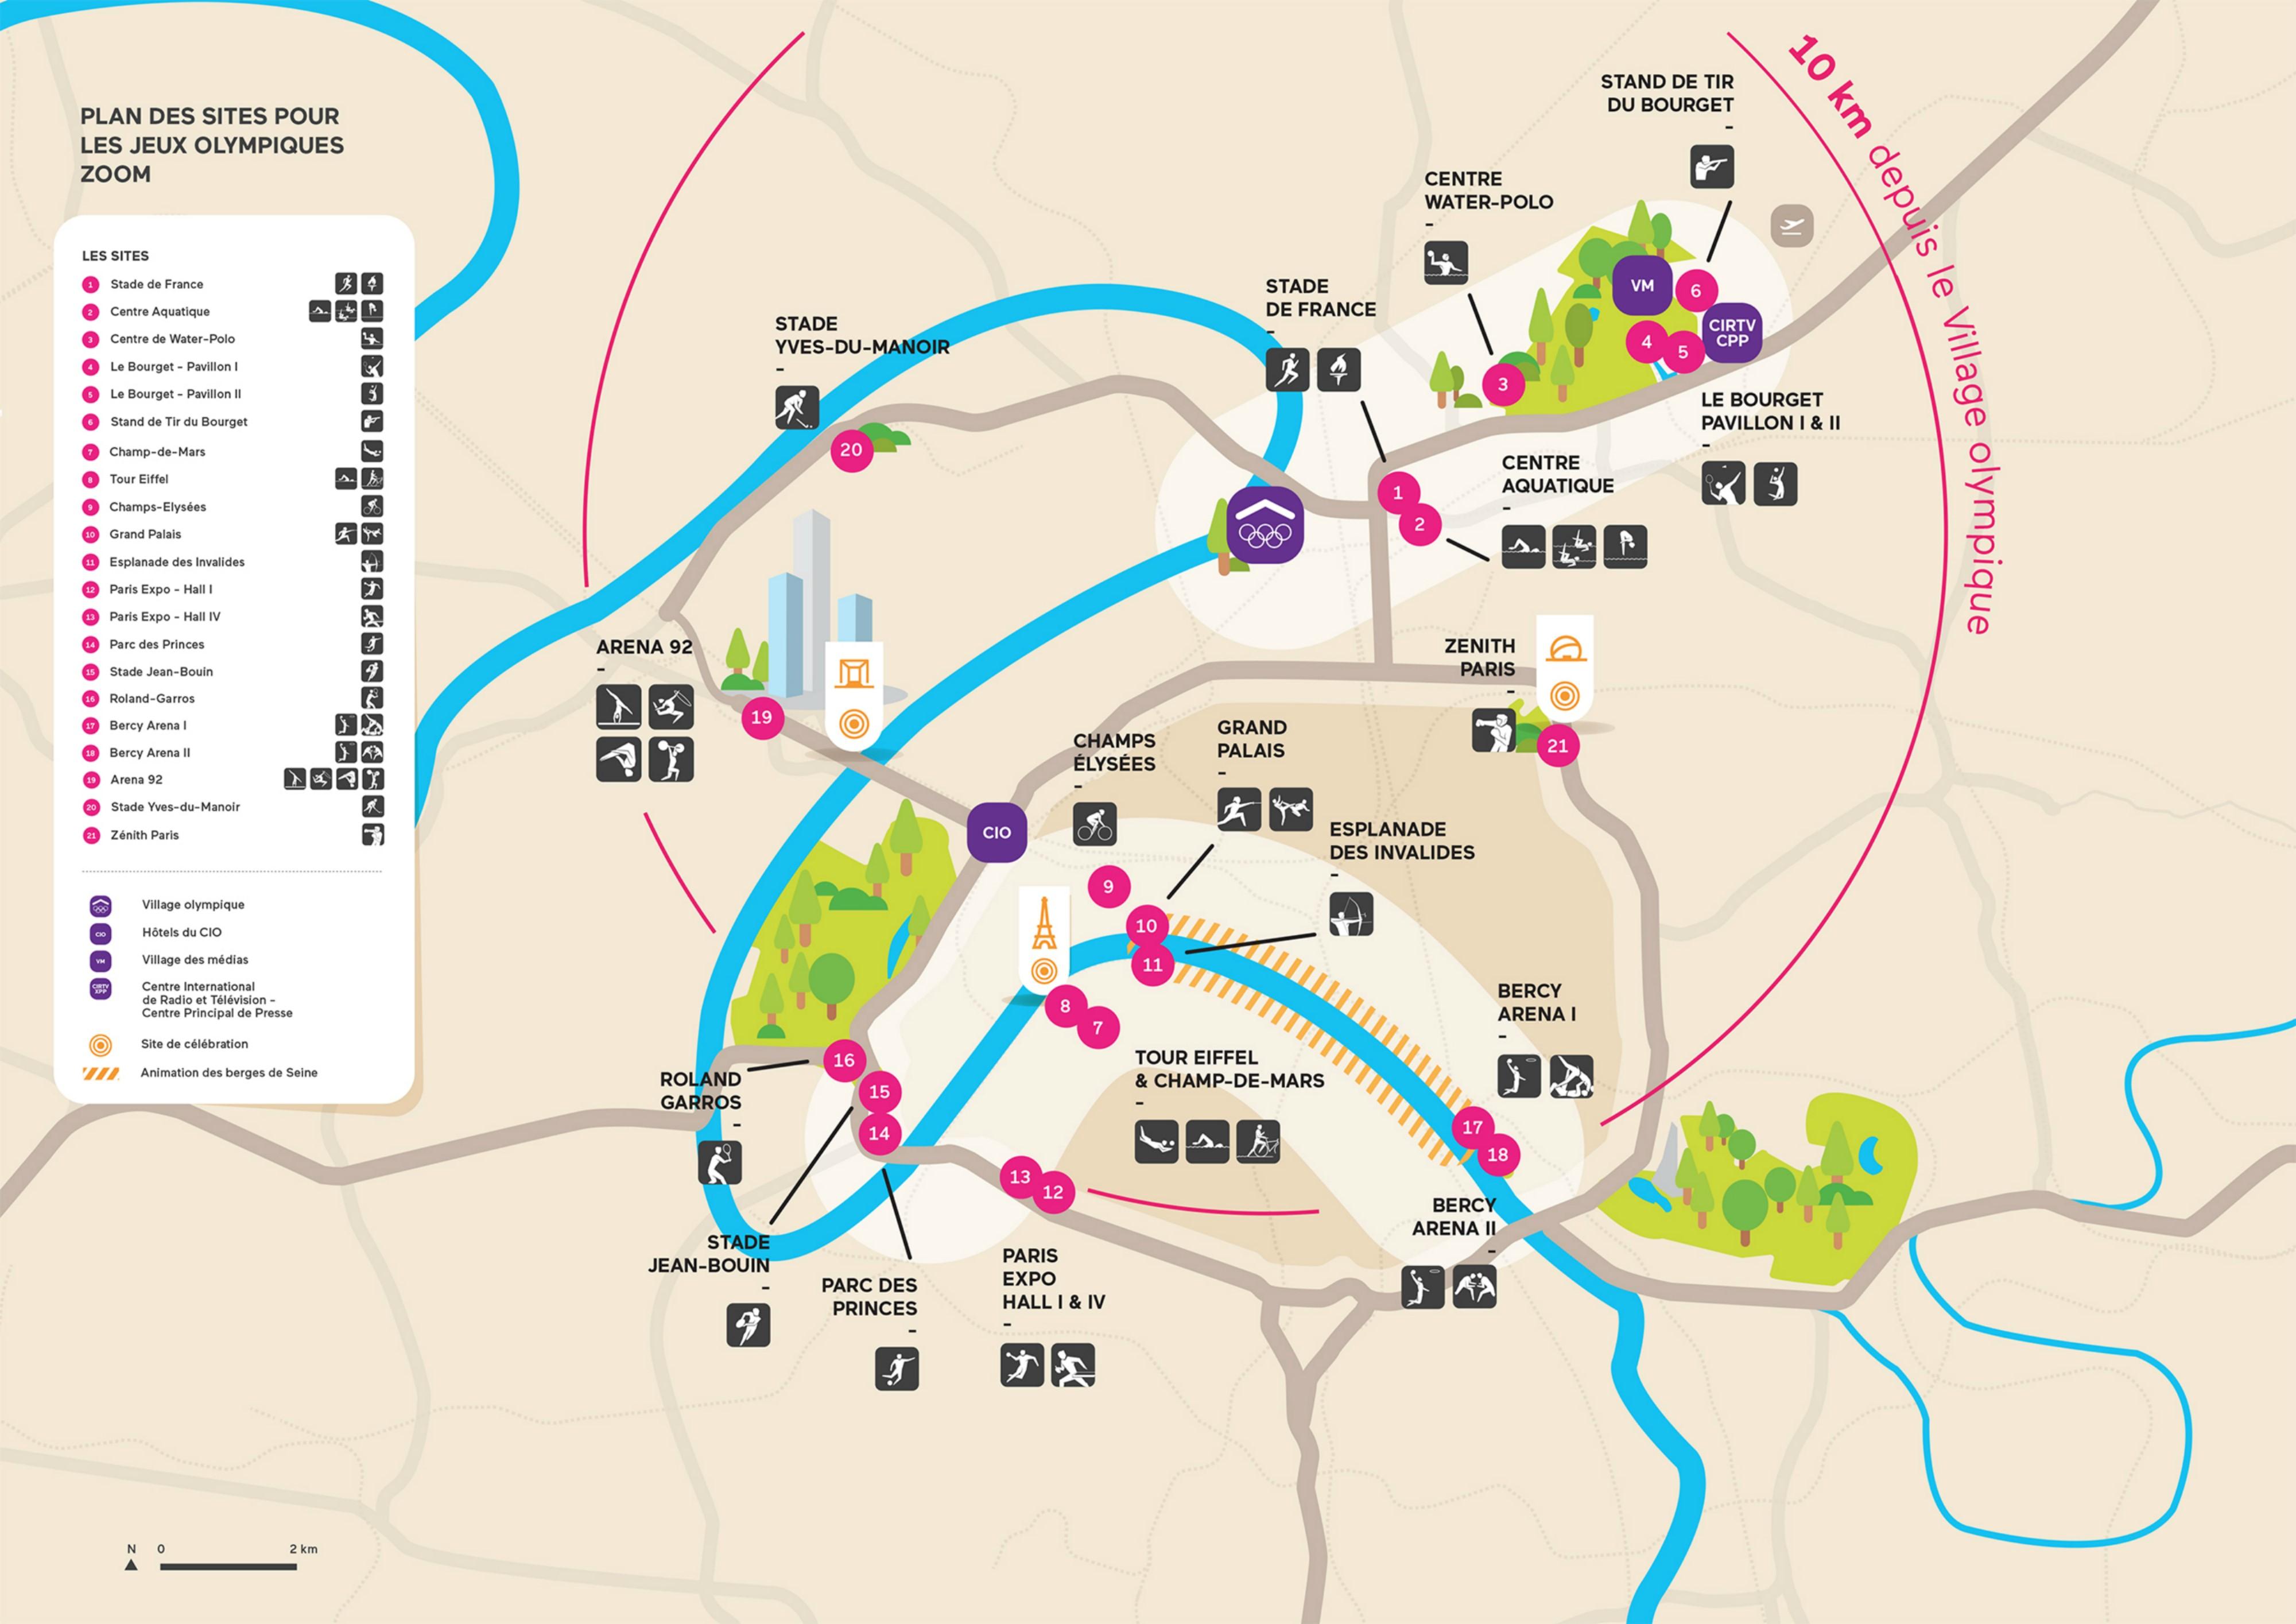 La carte des sites de Paris 2024